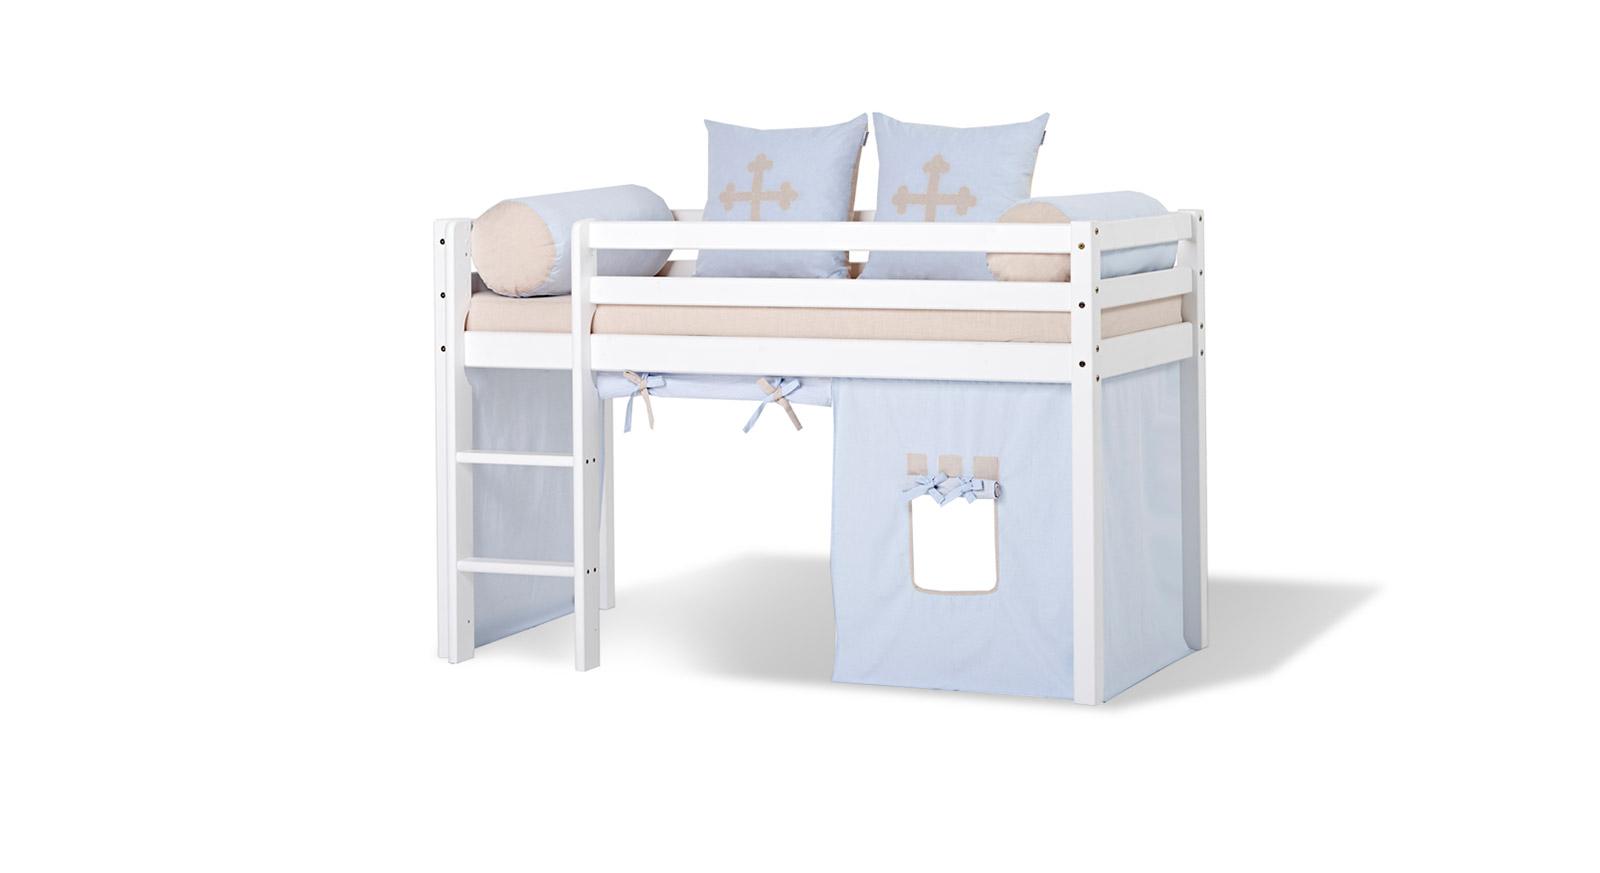 Spielvorhang Kids Heaven mit Prinz-Design in Blau